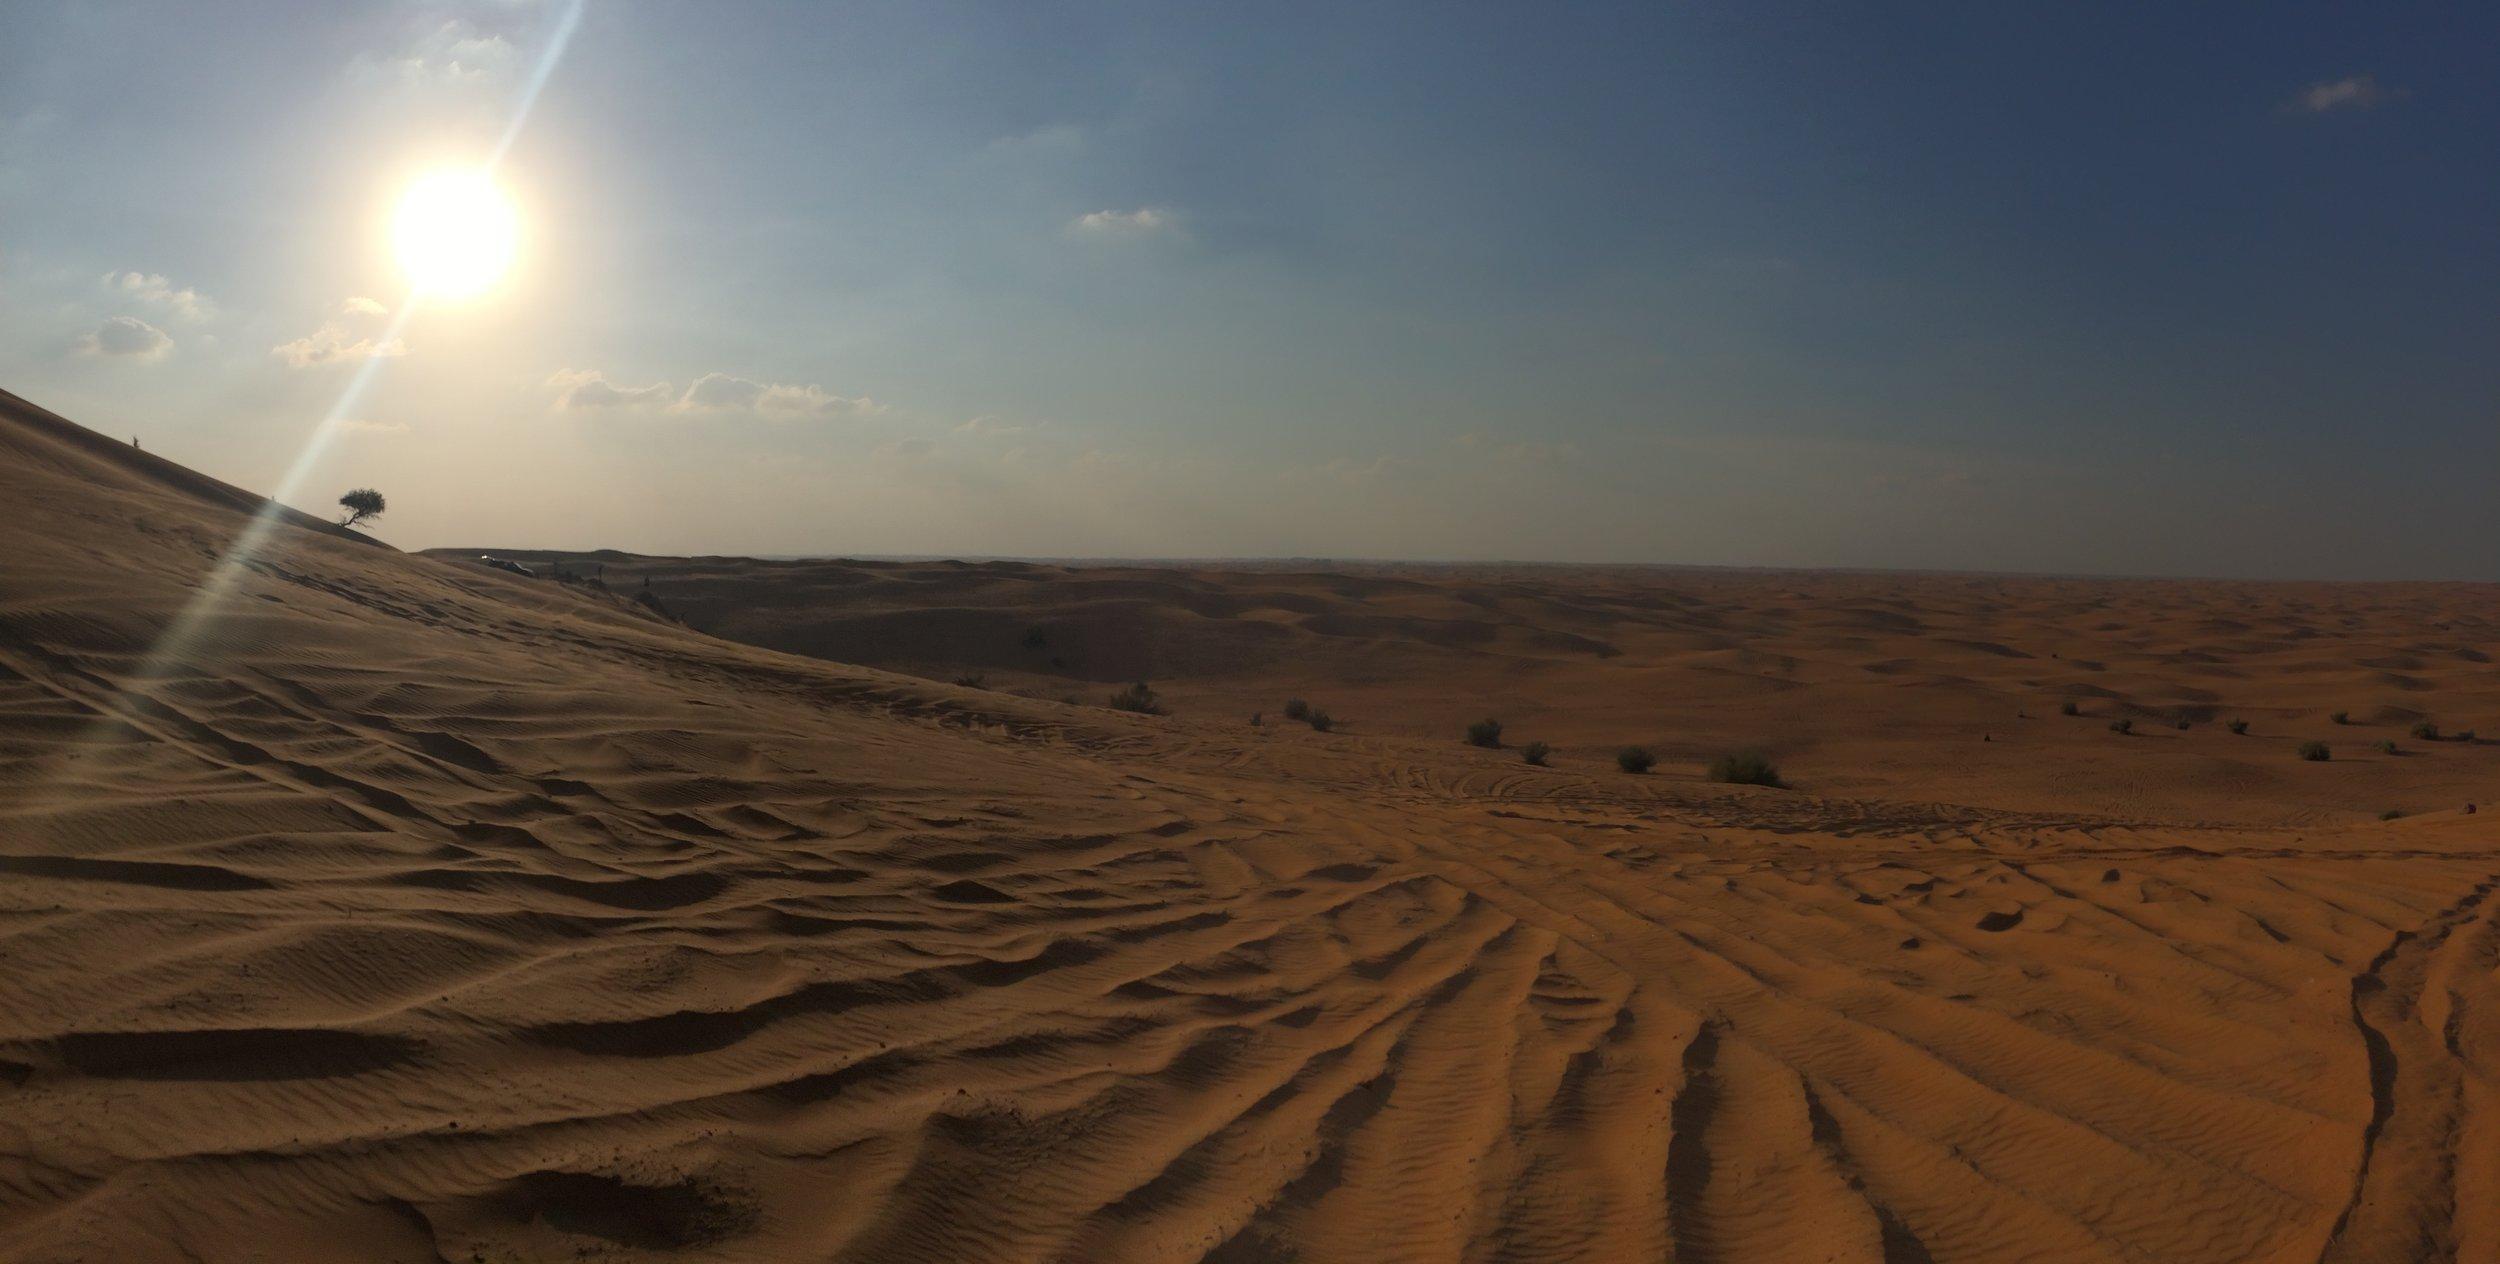 Dubai Sand Dunes B  - 4.JPG